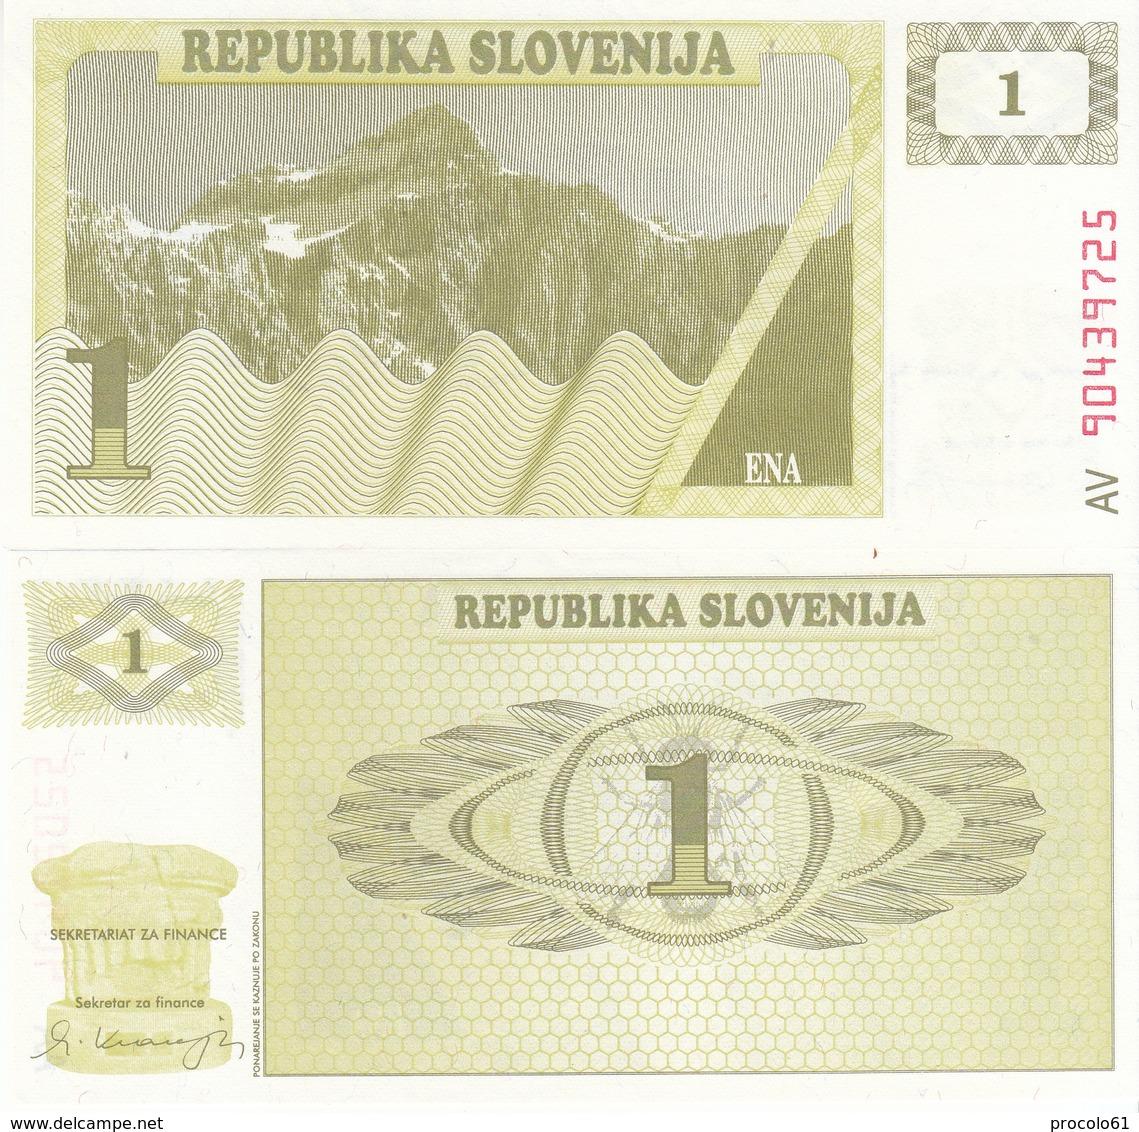 SLOVENIA SLOVENIJA 1 TOLARJEV 1990 FDS UNC - Serbie